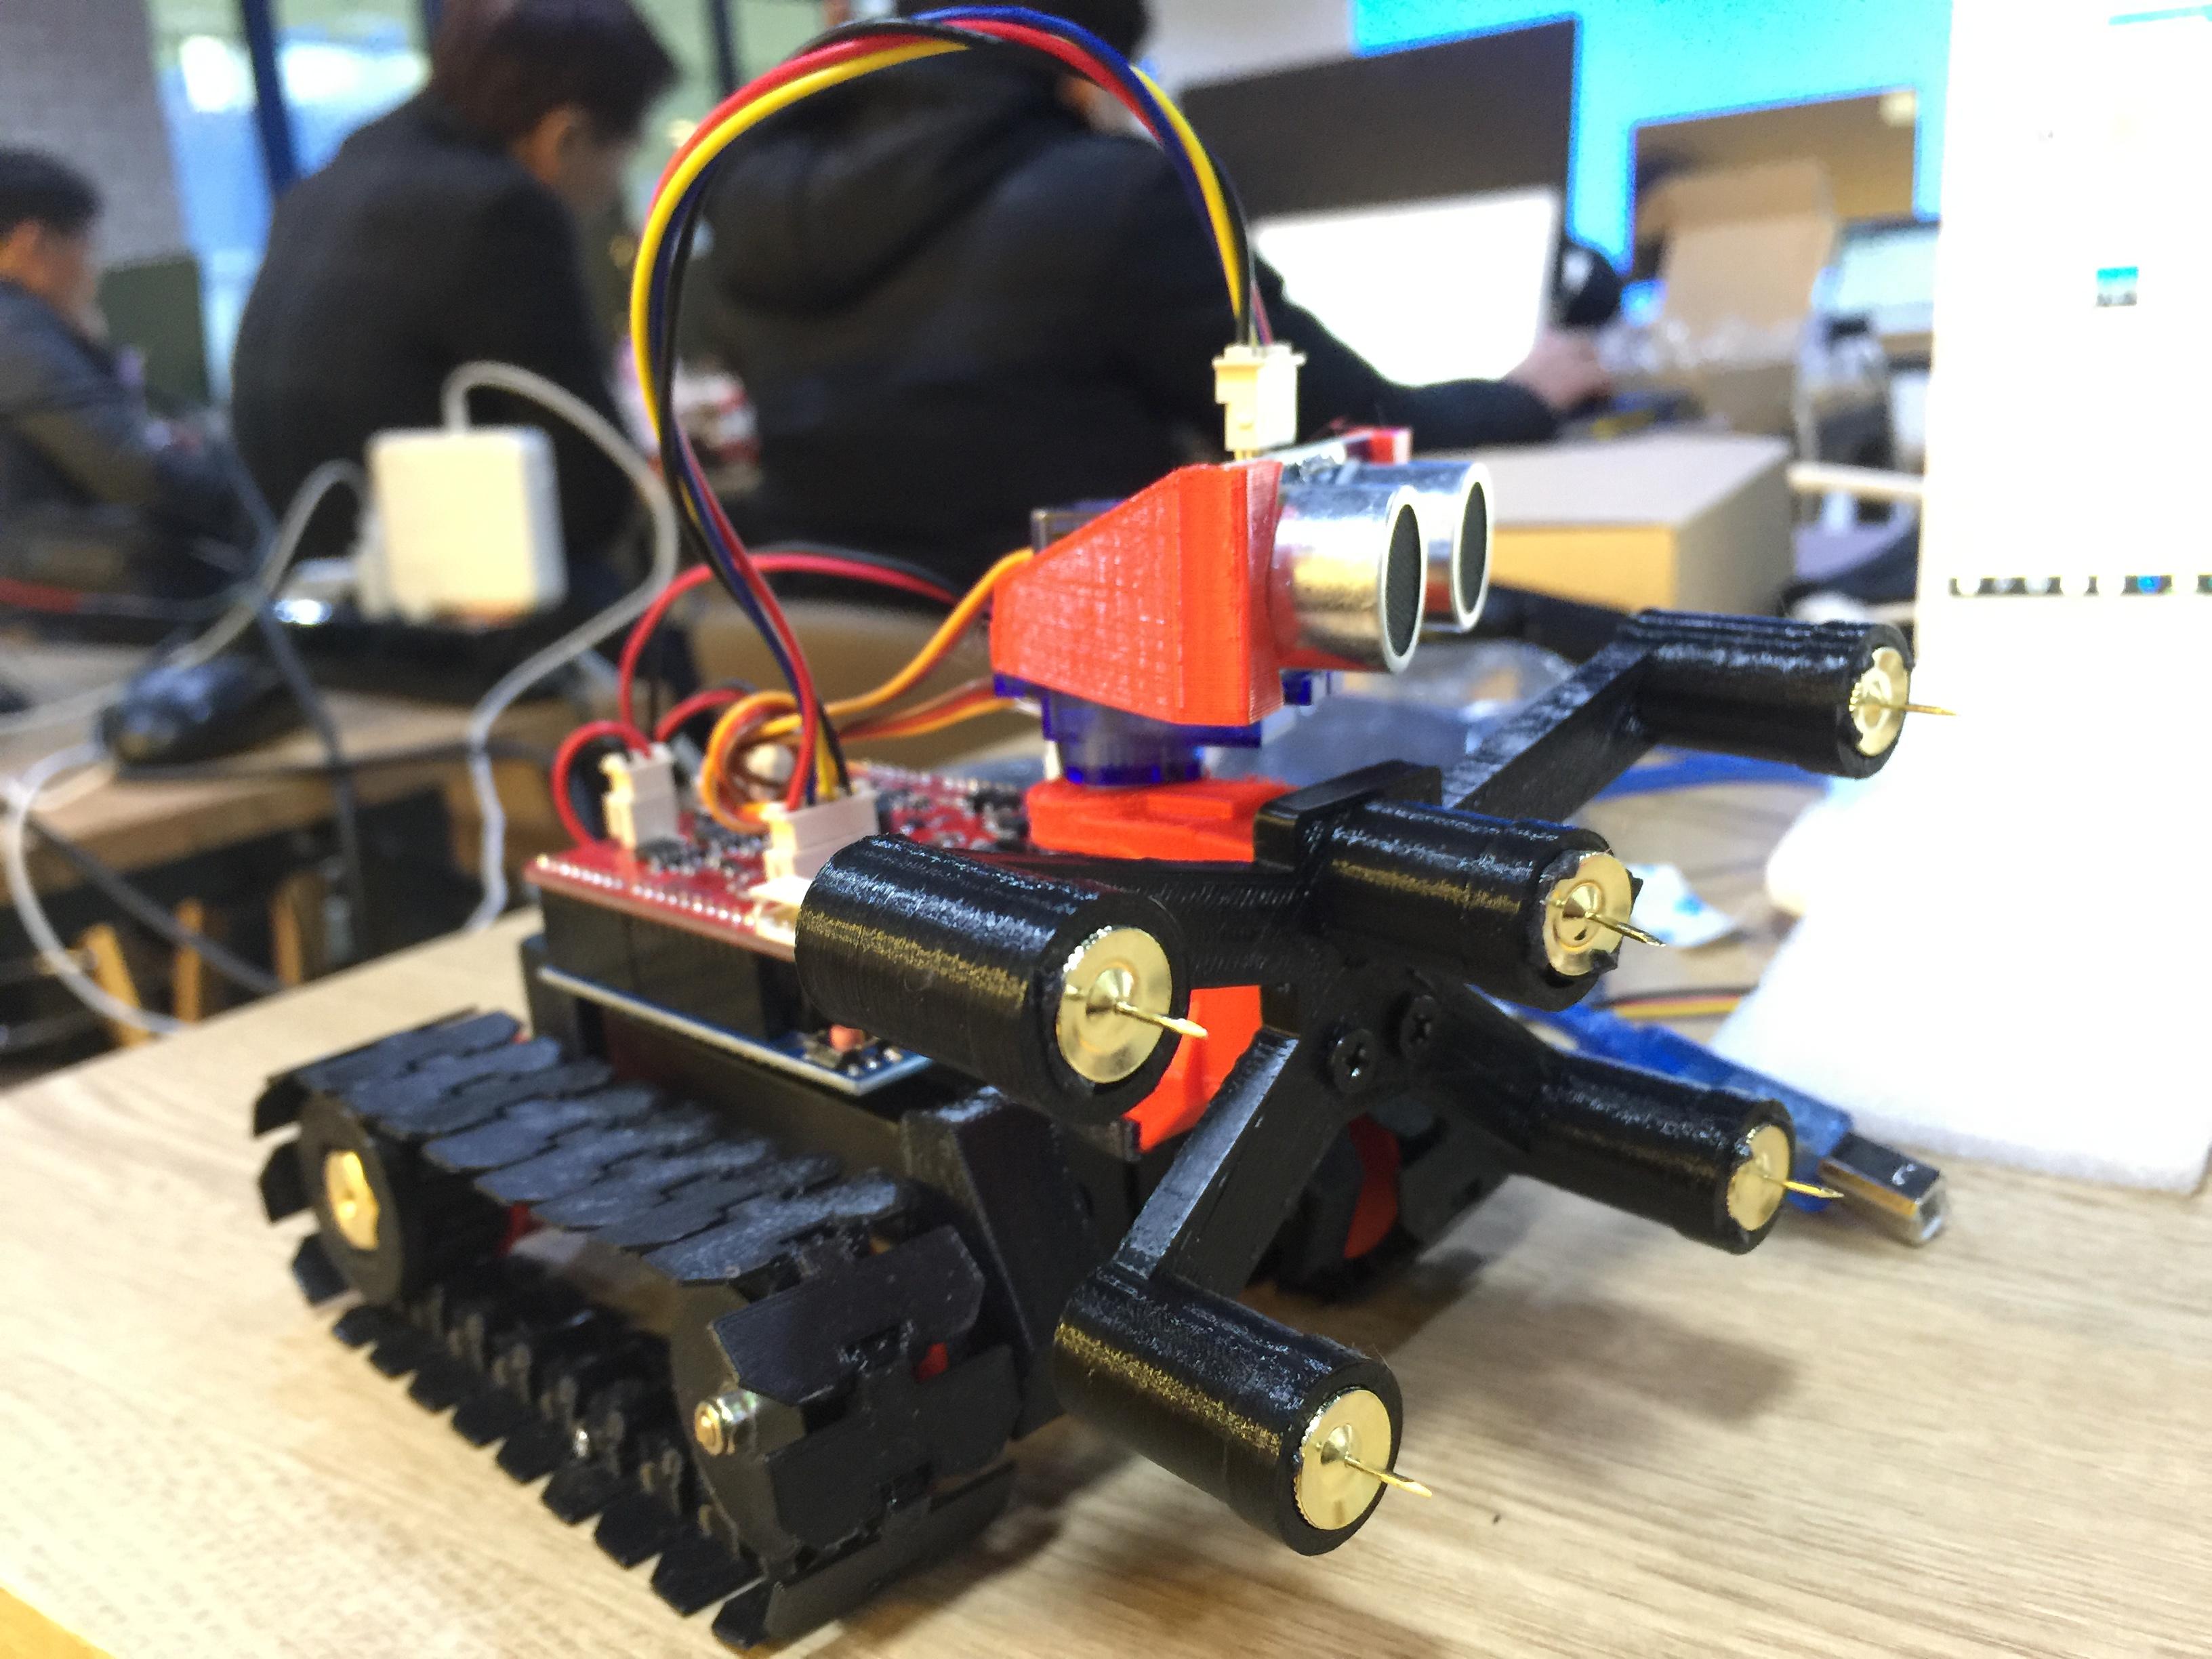 아두이노 + 3D프린팅 미니로봇 제작과정 - 판교 스타트업캠퍼스(KICT)